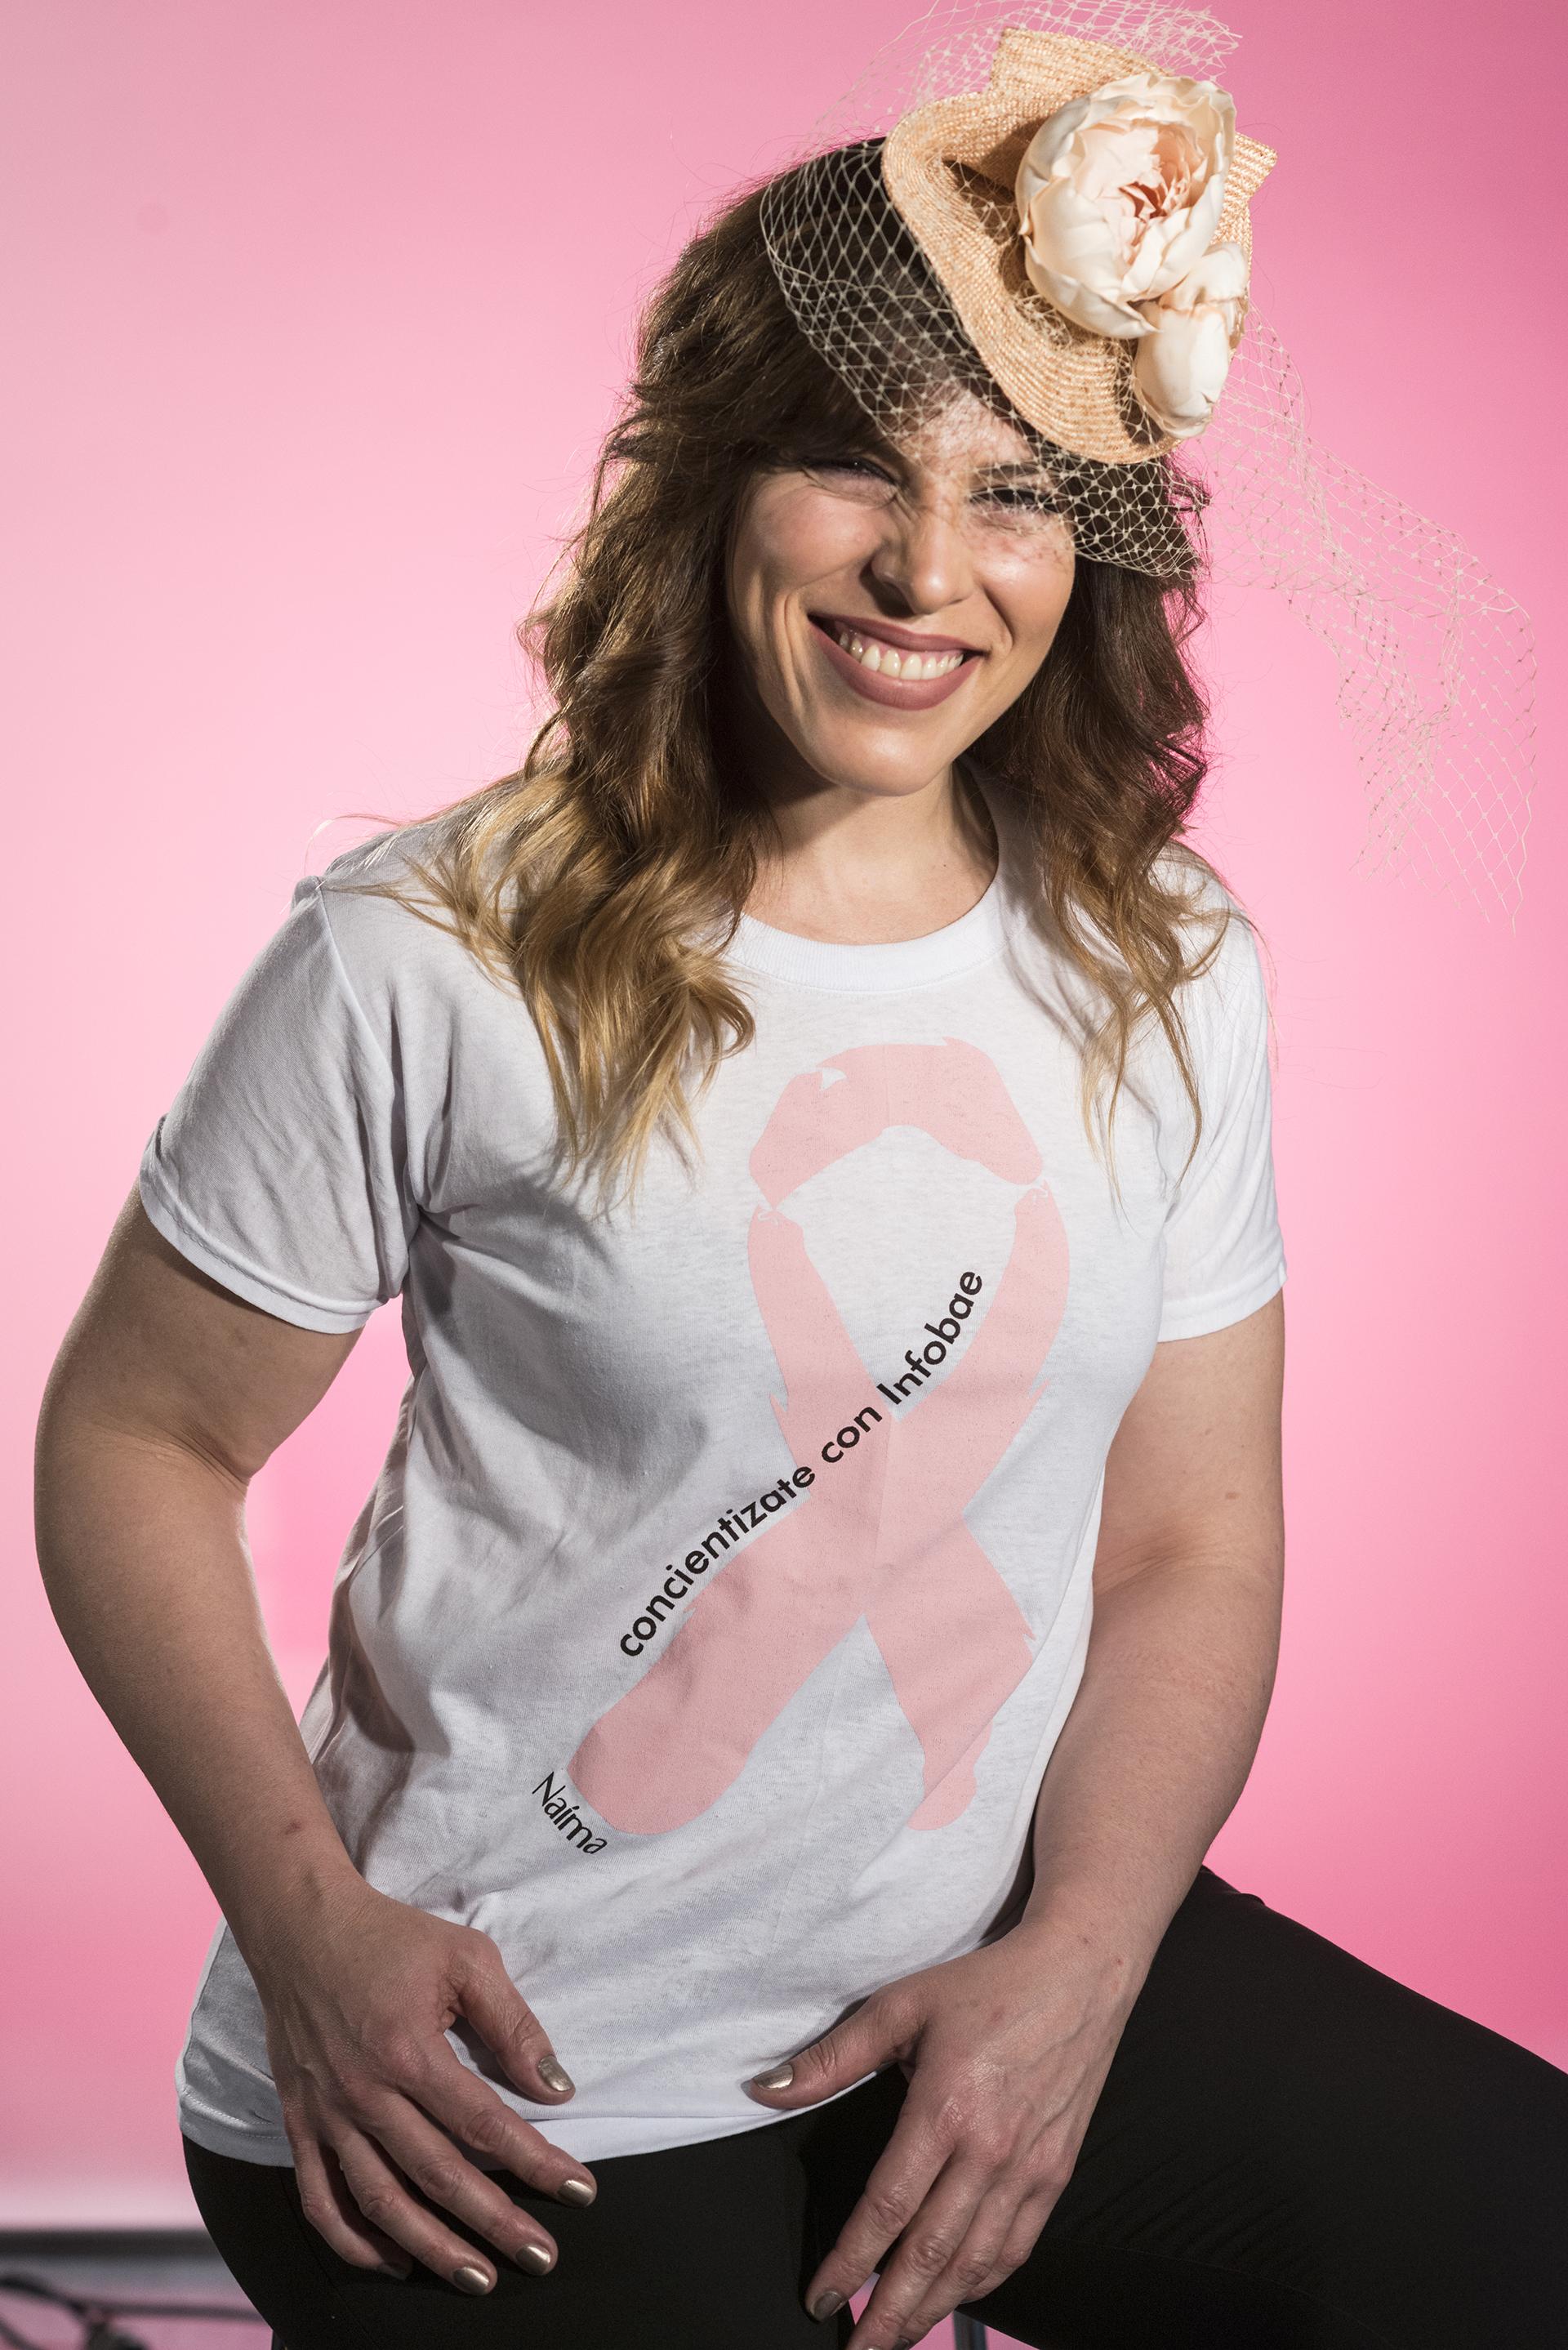 Mabby Autino -make up artist- cree en el poder de la mente como herramienta de recuperación frente a las adversidades